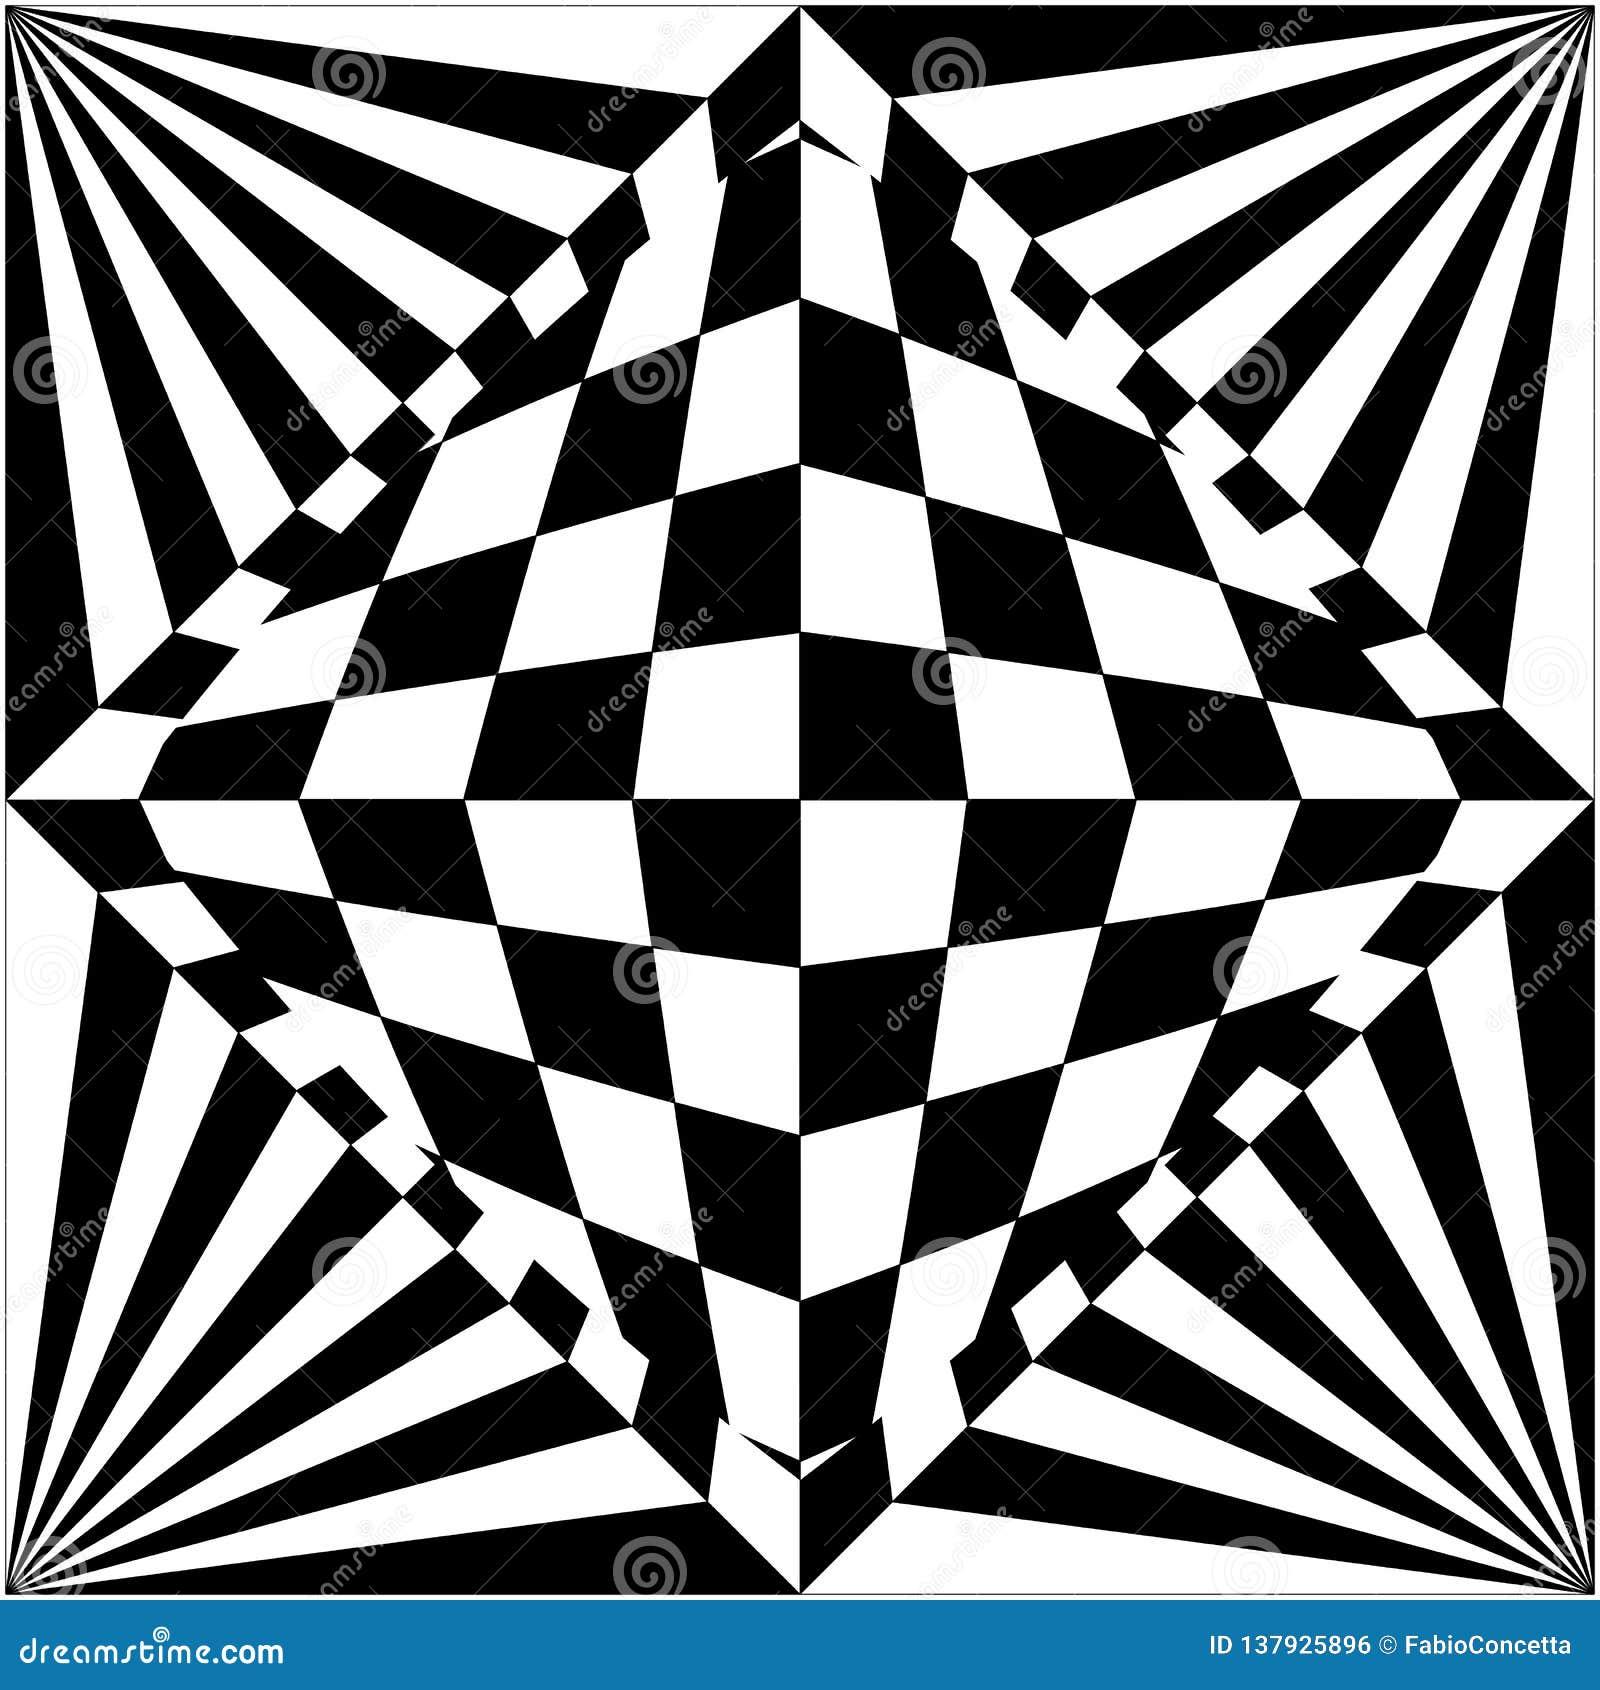 Fundo Da Ilusao Otica Preto E Branco Ilustracao Do Vetor